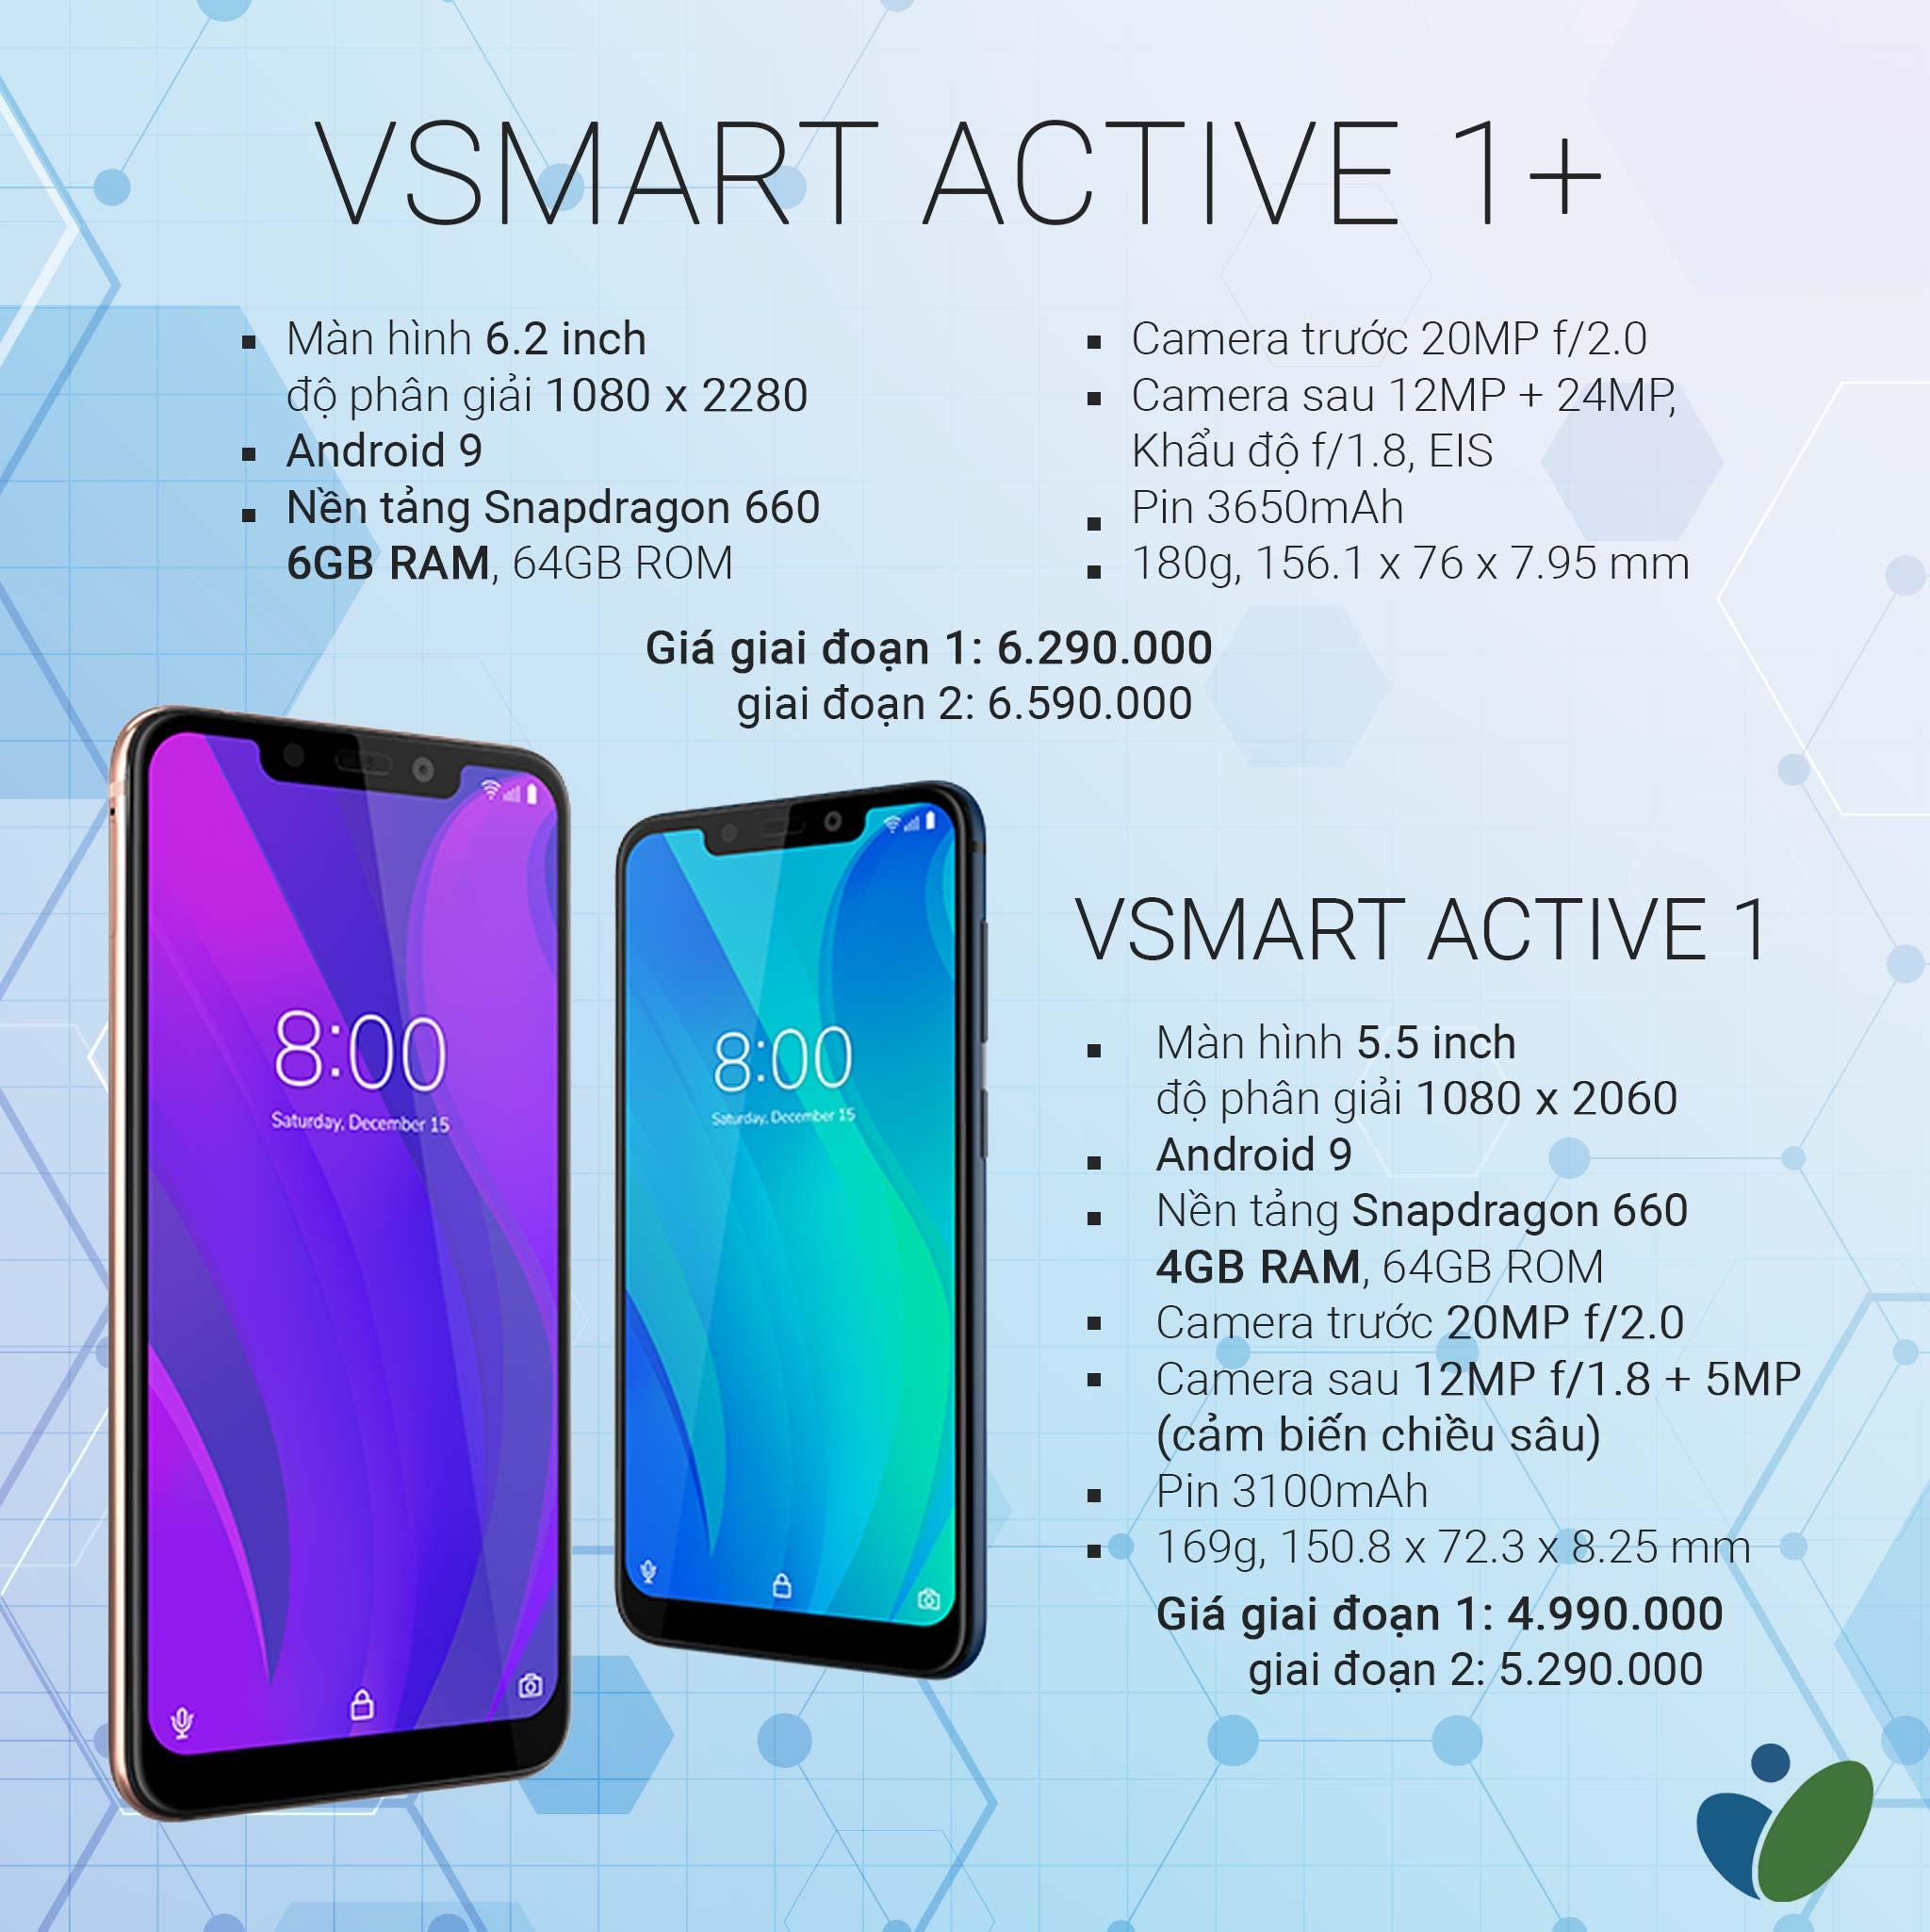 4595858_4515658_Vsmart-Active-Tinhte_new-2.jpg